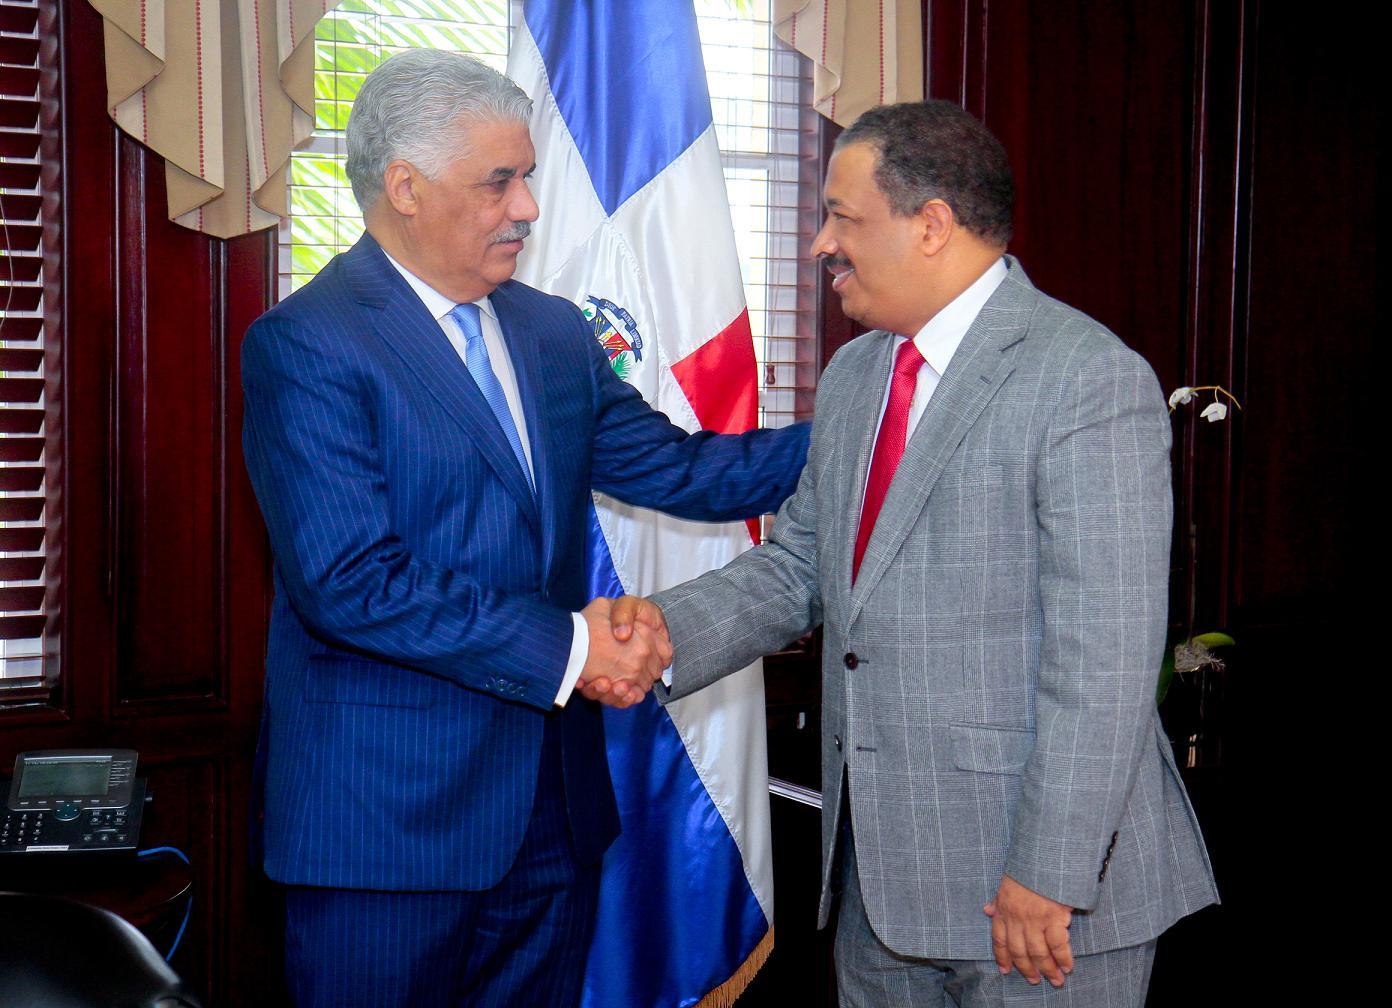 Los consulados    expedirán  cédulas, actas y otros servicios del registro civil